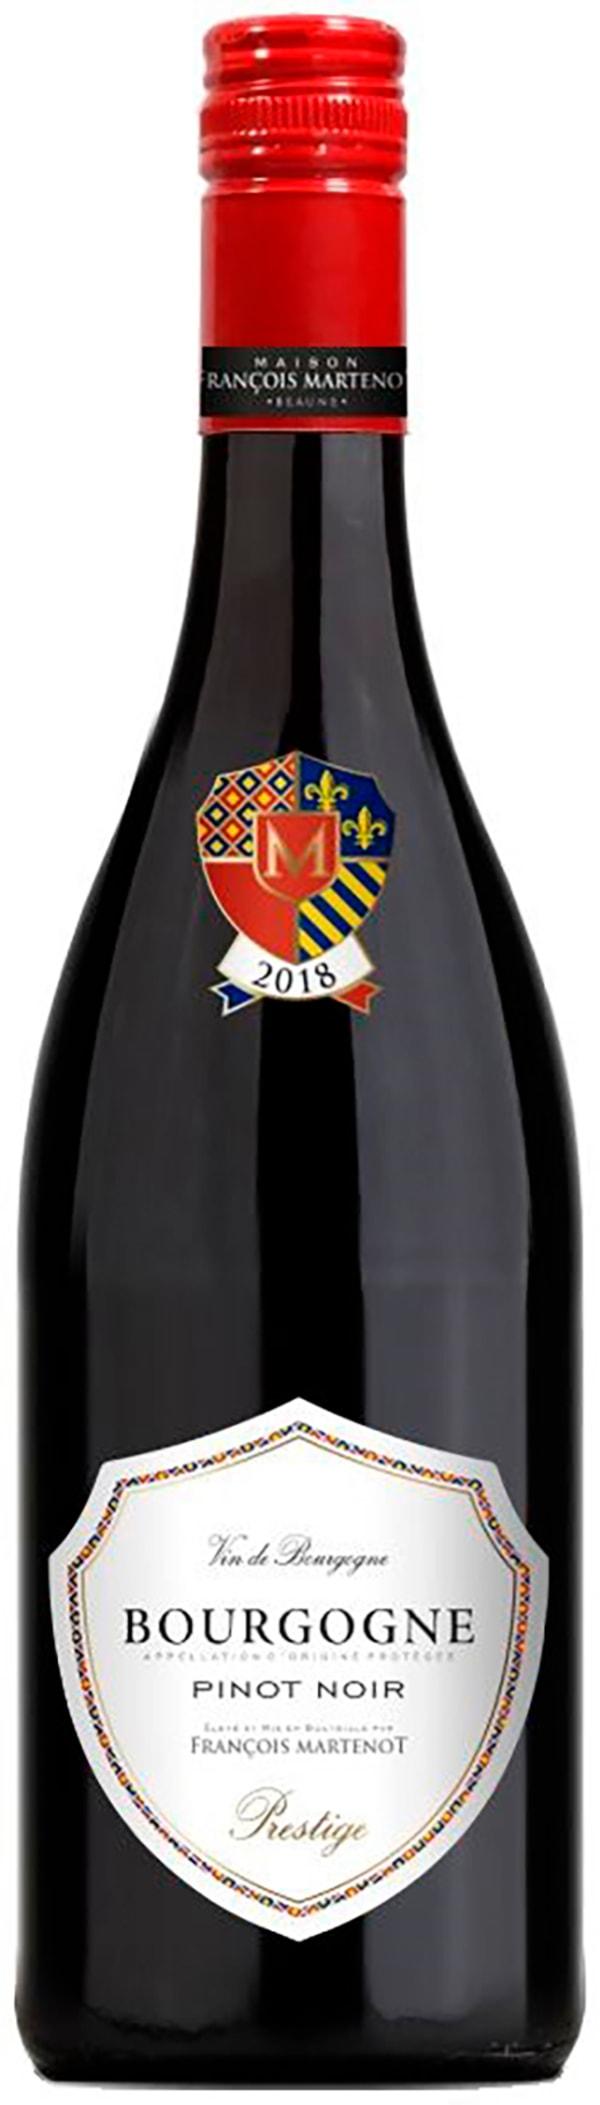 Bourgogne Pinot Noir Prestige 2018